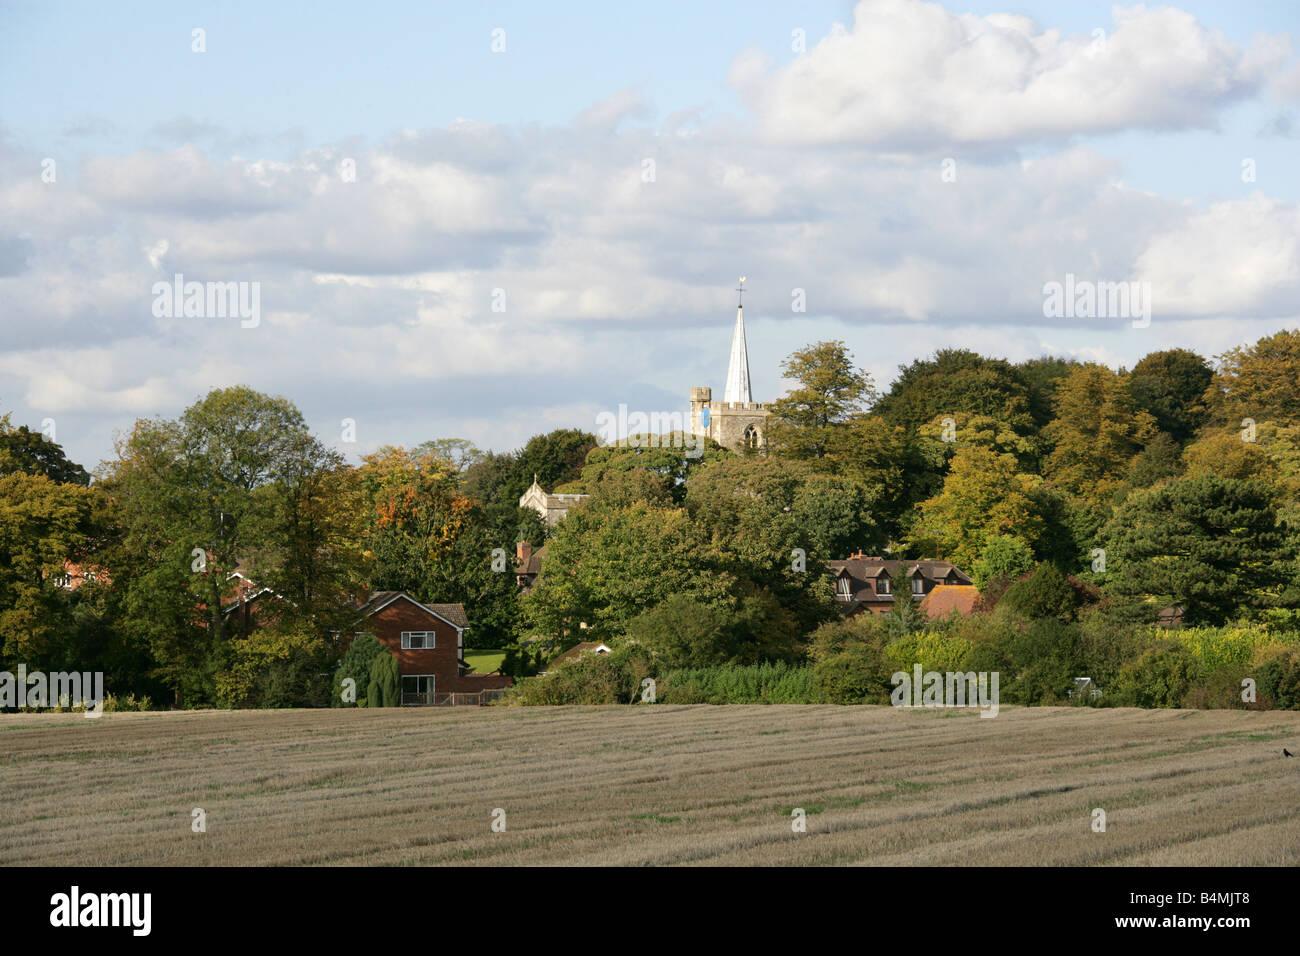 Pitstone, Buckinghamshire, UK - Stock Image